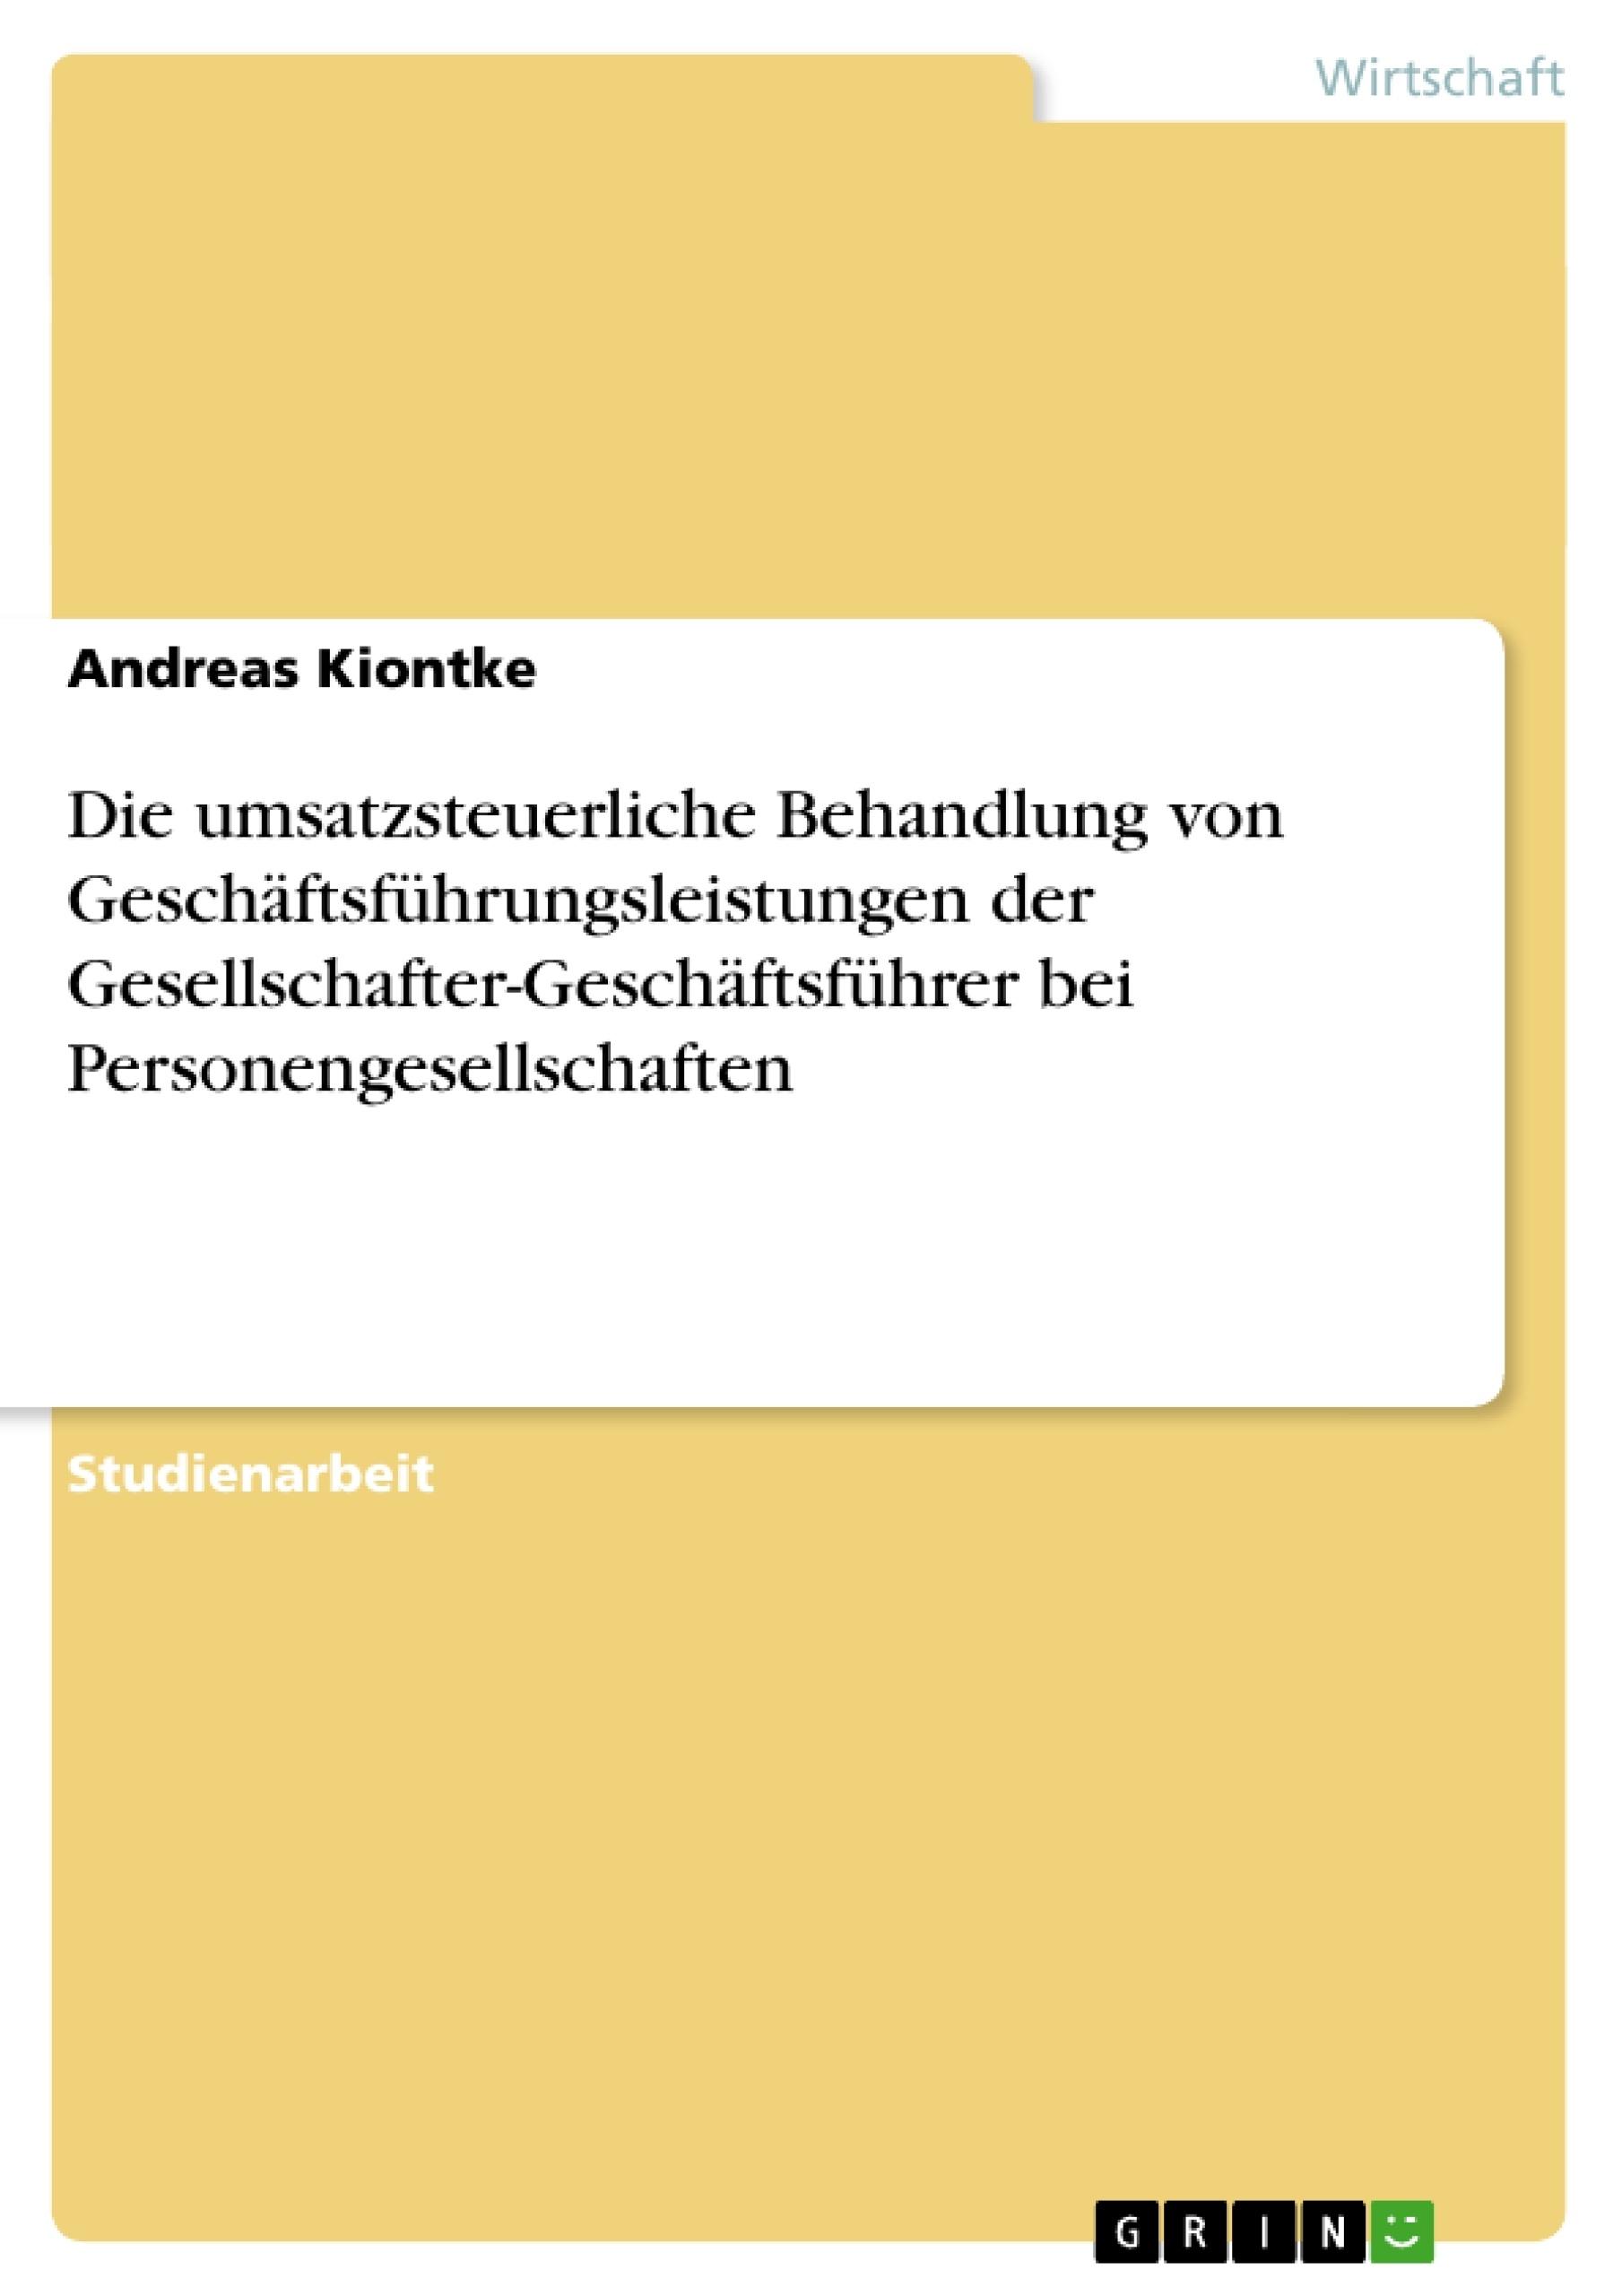 Titel: Die umsatzsteuerliche Behandlung von Geschäftsführungsleistungen der Gesellschafter-Geschäftsführer bei Personengesellschaften